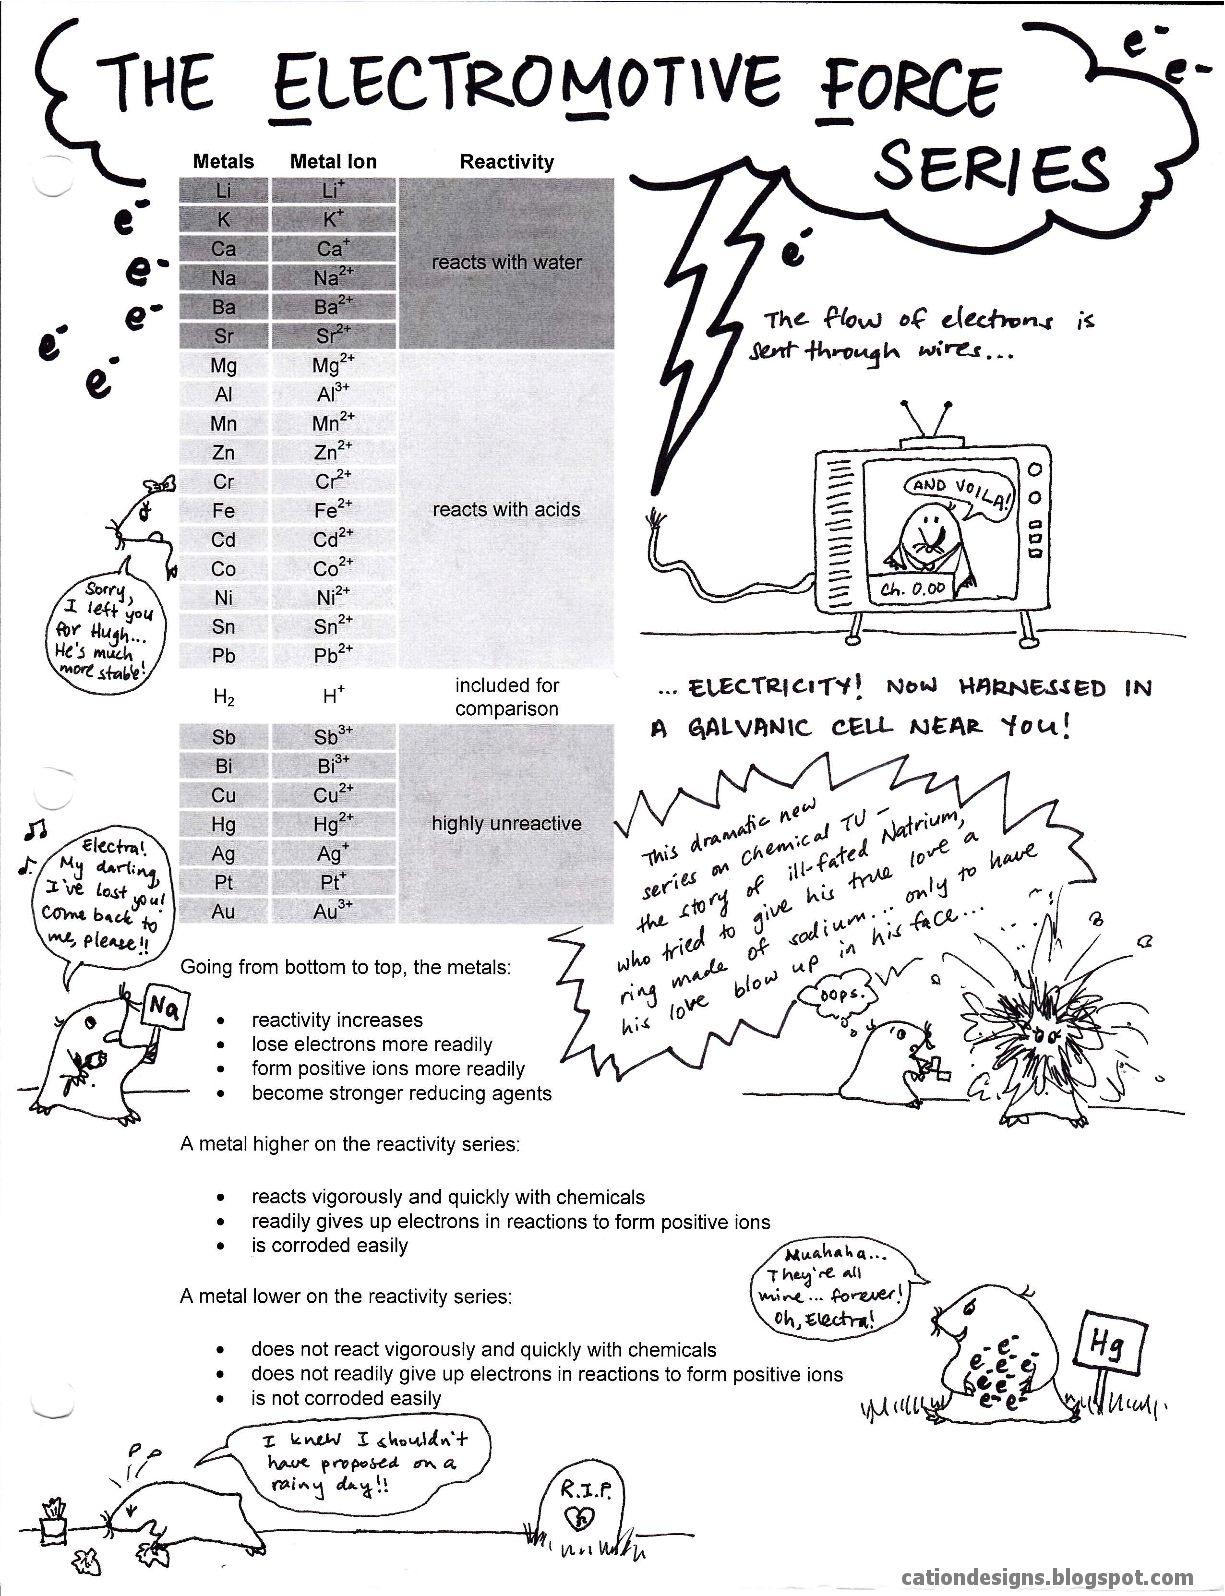 Best 25 Electromotive Force Ideas